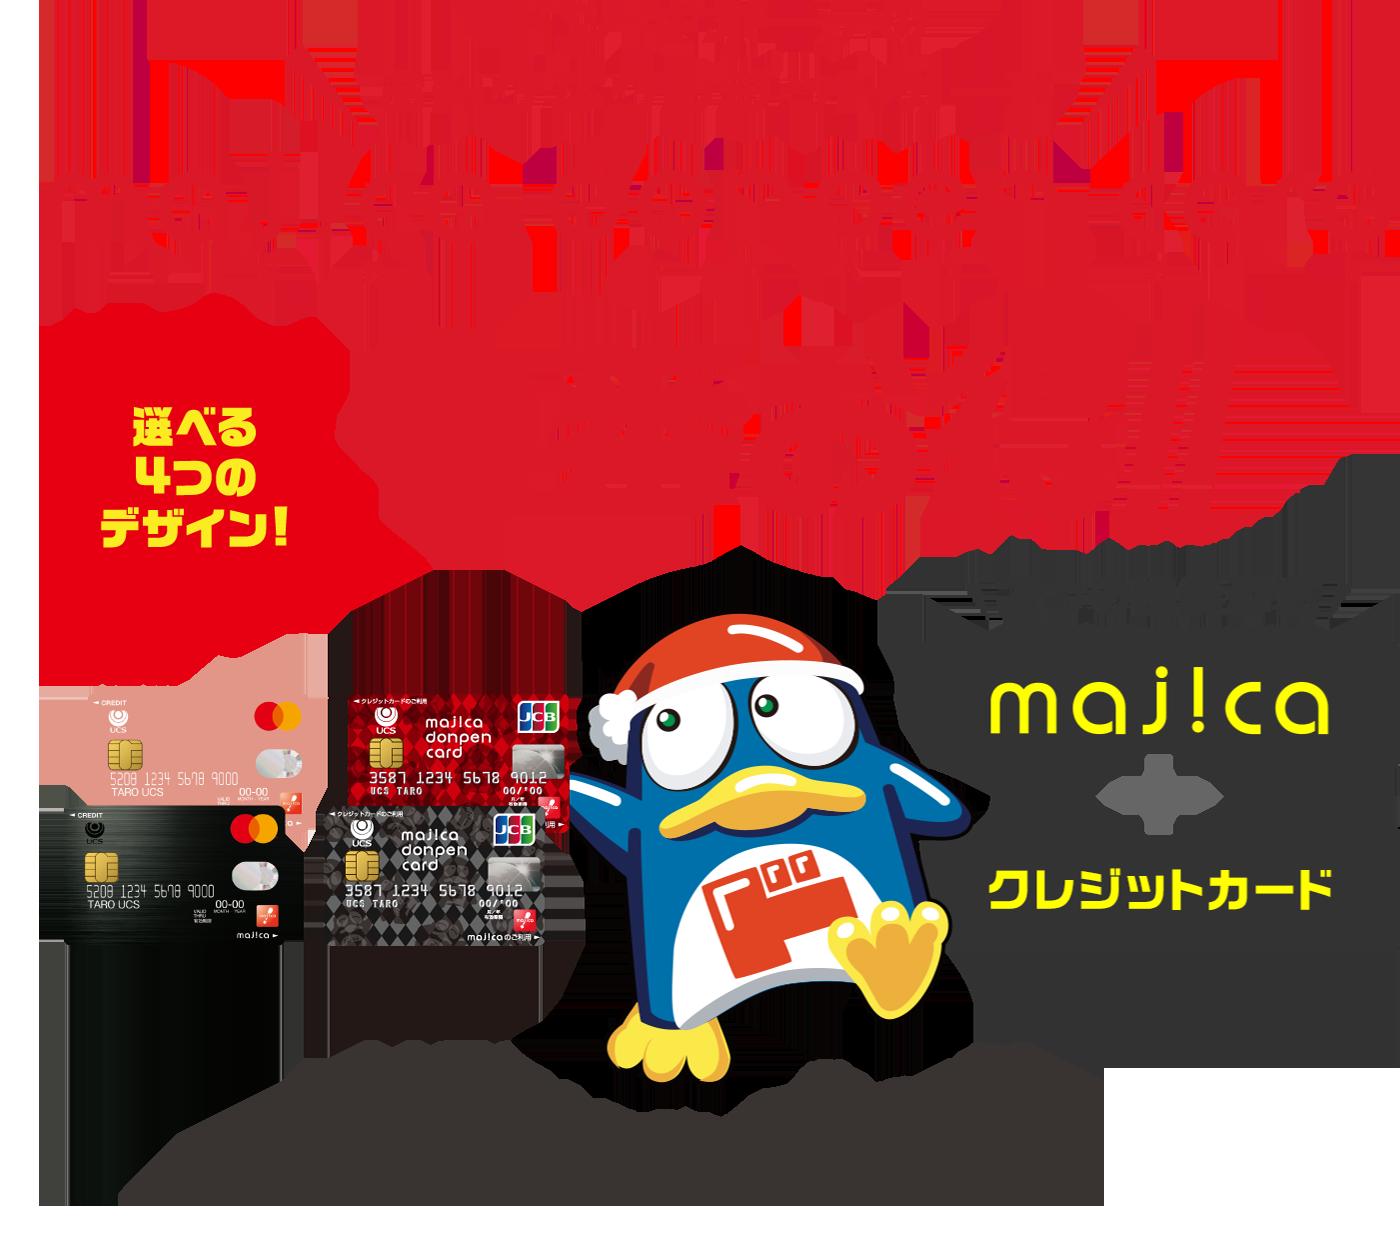 マジカ カード ユニー